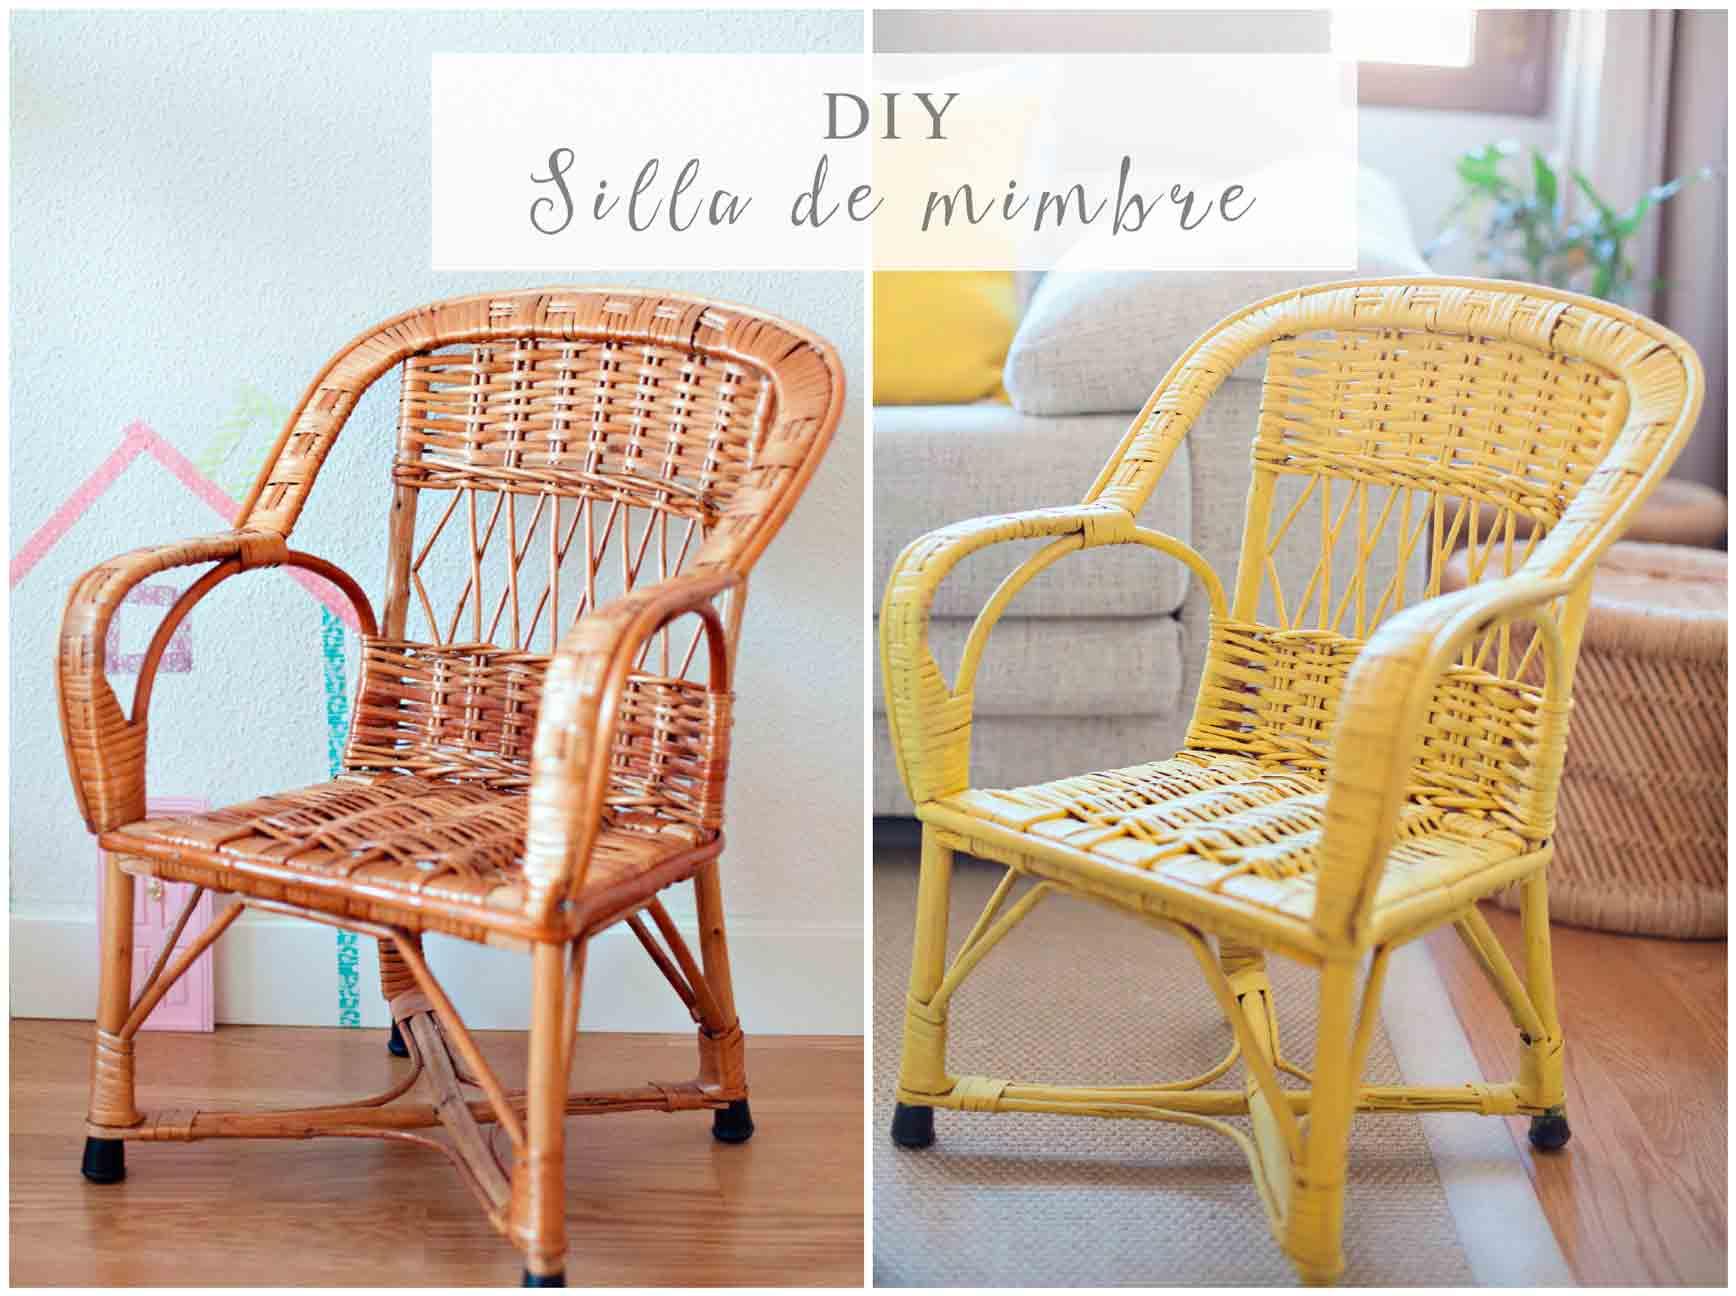 silla_mimbre_DIY_Collage